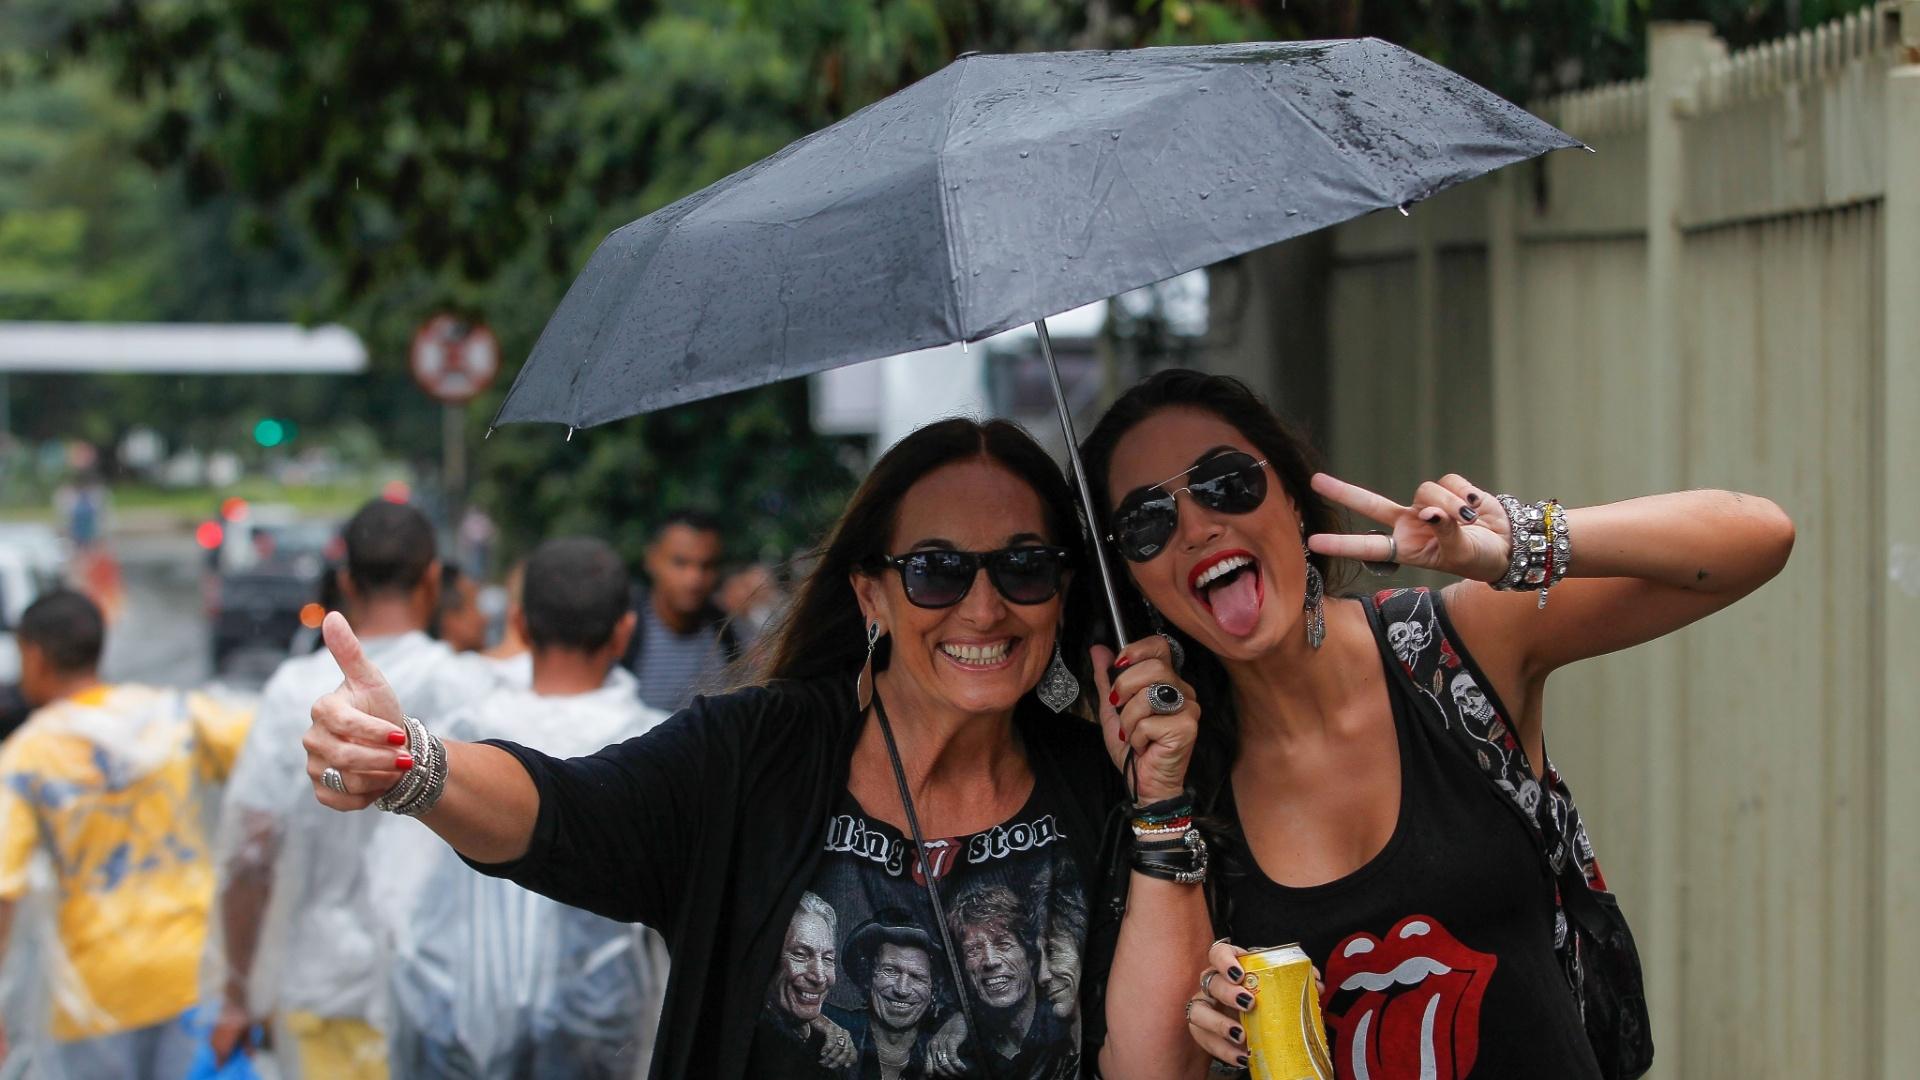 24.fev.2016 - Fãs dos Rolling Stones fazem pose antes de entrar no Estádio do Morumbi para assistir à primeira apresentação da banda em São Paulo pela